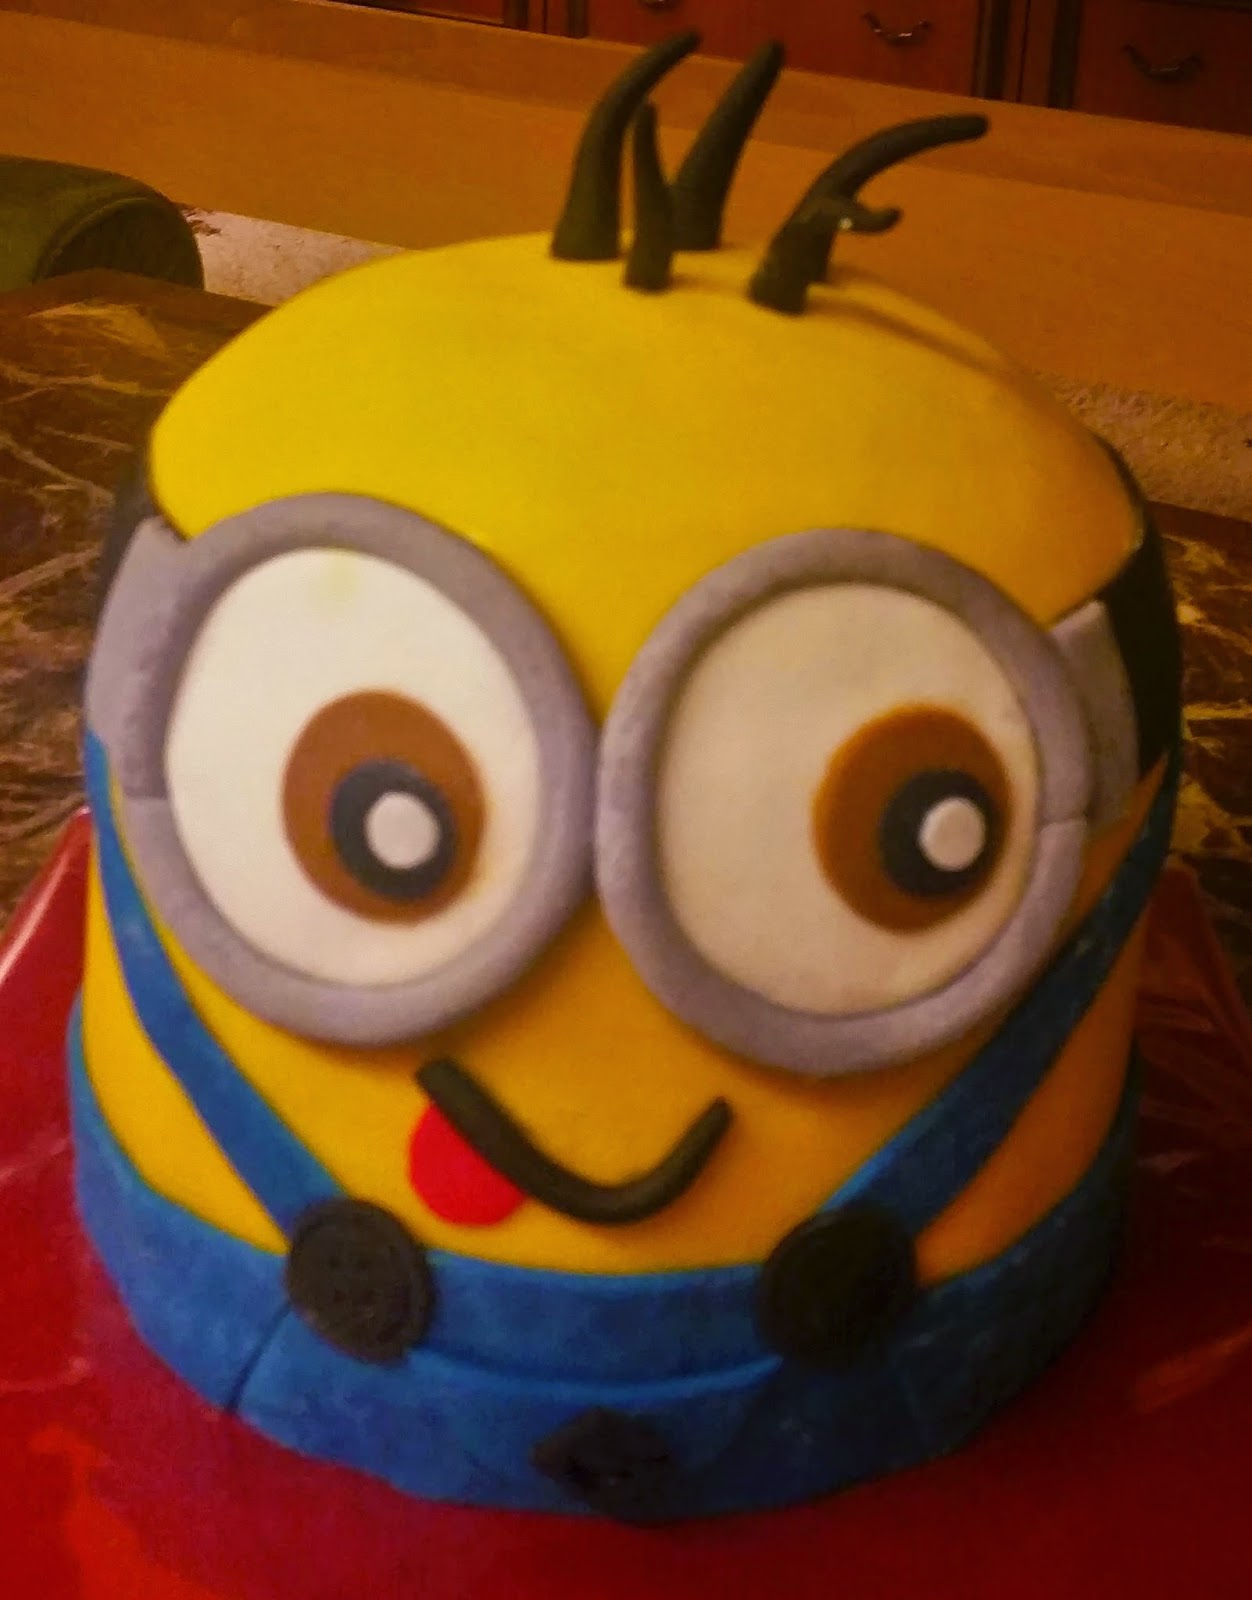 Minion Kuchen Backen Torte Kleiner Drache Little Dragon Cake